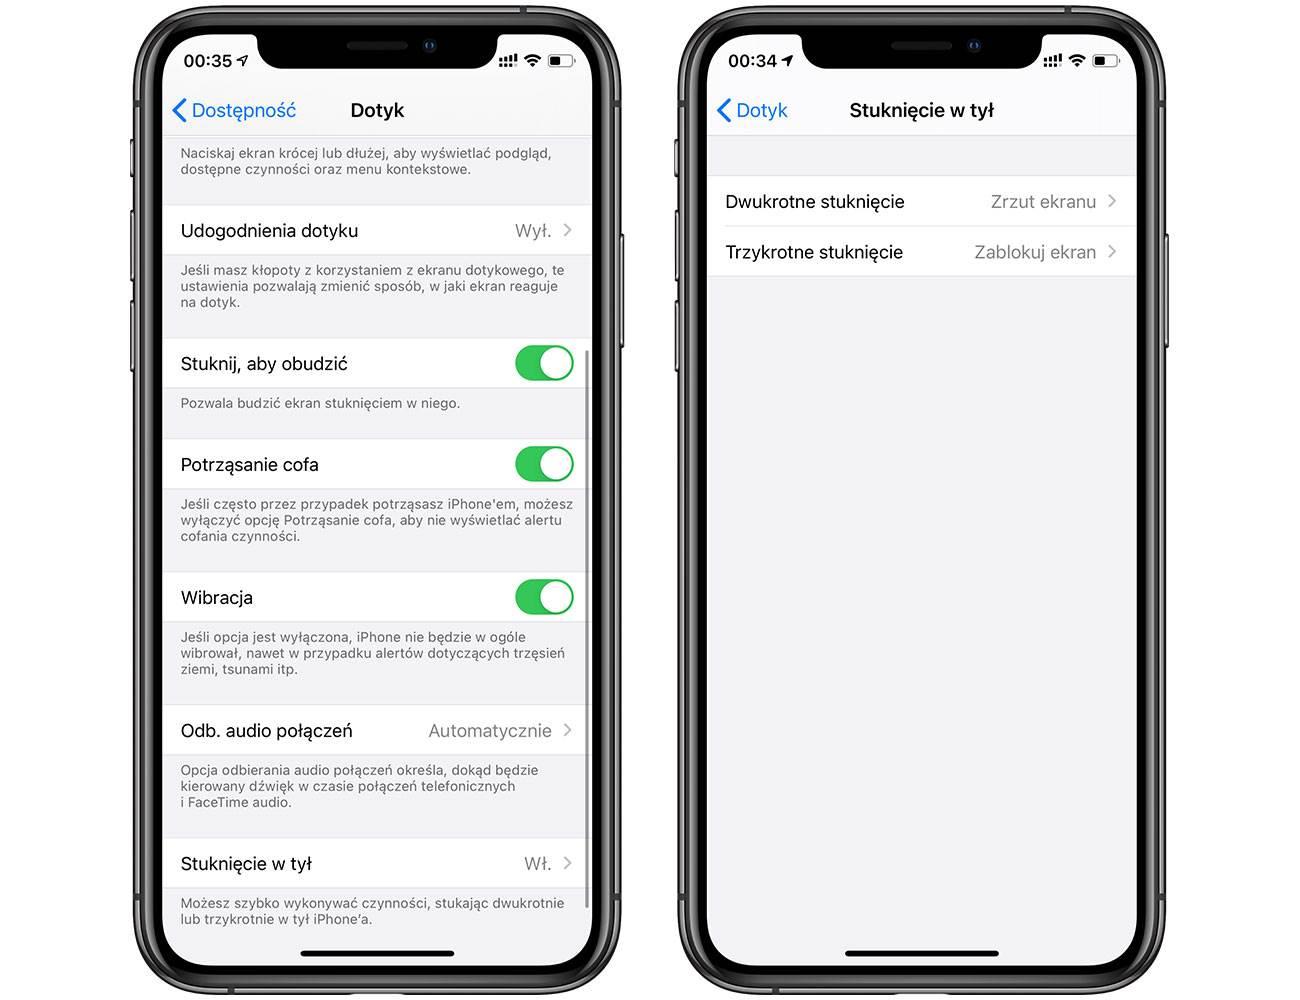 Stuknięcie w tył - magiczna funkcja w iOS 14, którą musisz znać! polecane, ciekawostki Wideo, stuknij w tył, stukniecie w tyl, stukanie w iPhone, podwojne pukniecie w tyl iPhone, jak dziala, iPhone, iOS 14, funkcja stukniecia w tyl iPhone  Stuknięcie w tył, to funkcja o której już pisaliśmy, ale jest ona na tyle fajna, że teraz po wydaniu iOS 14 musimy o niej obowiązkowo wspomnieć kolejny raz. dotyk 1